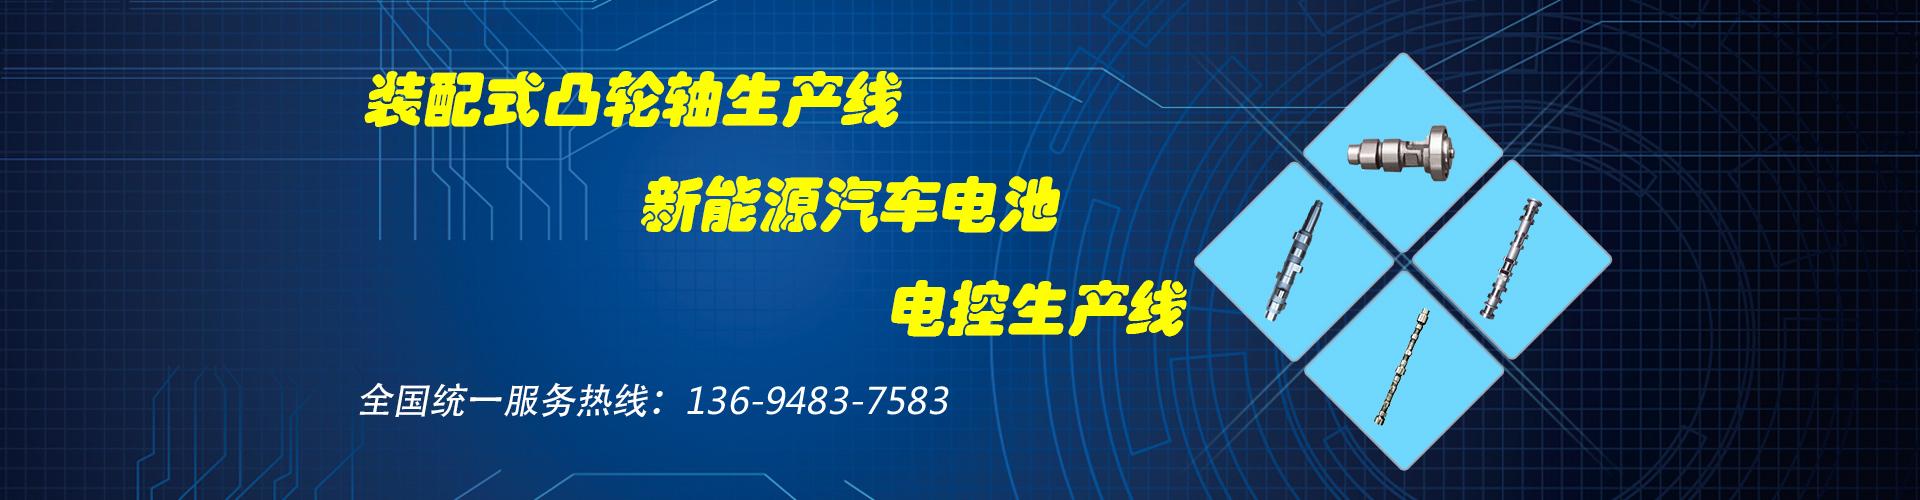 江西同欣机械制造股份有限公司